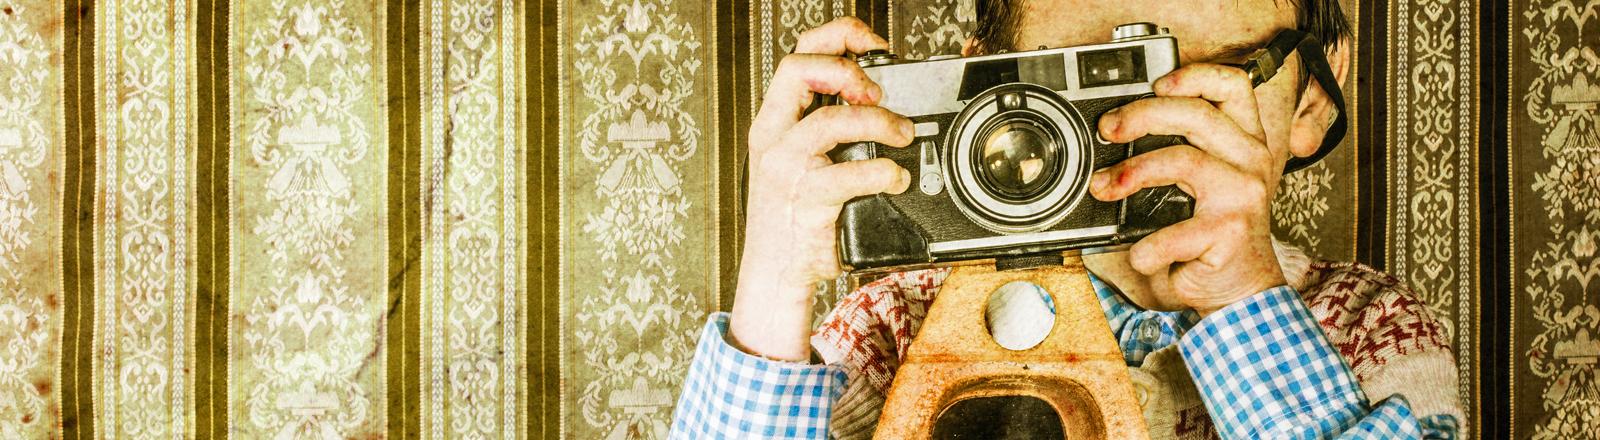 Vor einer grauseligen Tapete steht ein Junge mit einer alten Kamera. Ziemlich retro.